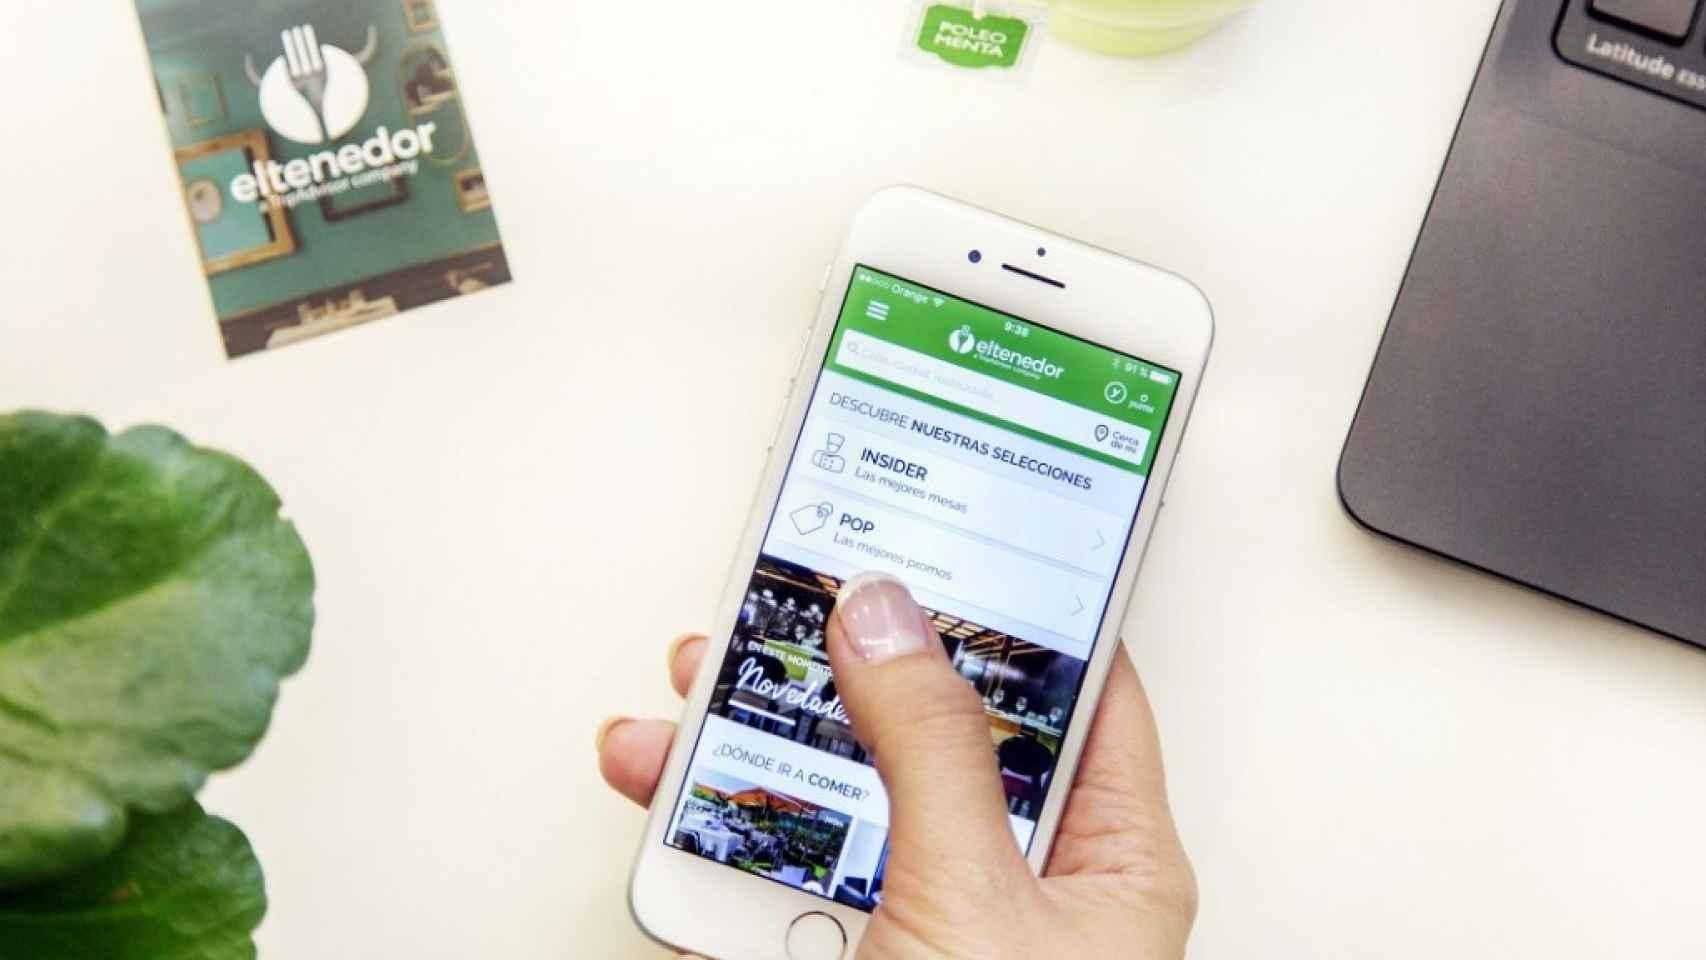 ElTenedor cambia de nombre en España: pasará a llamarse TheFork a partir de mayo